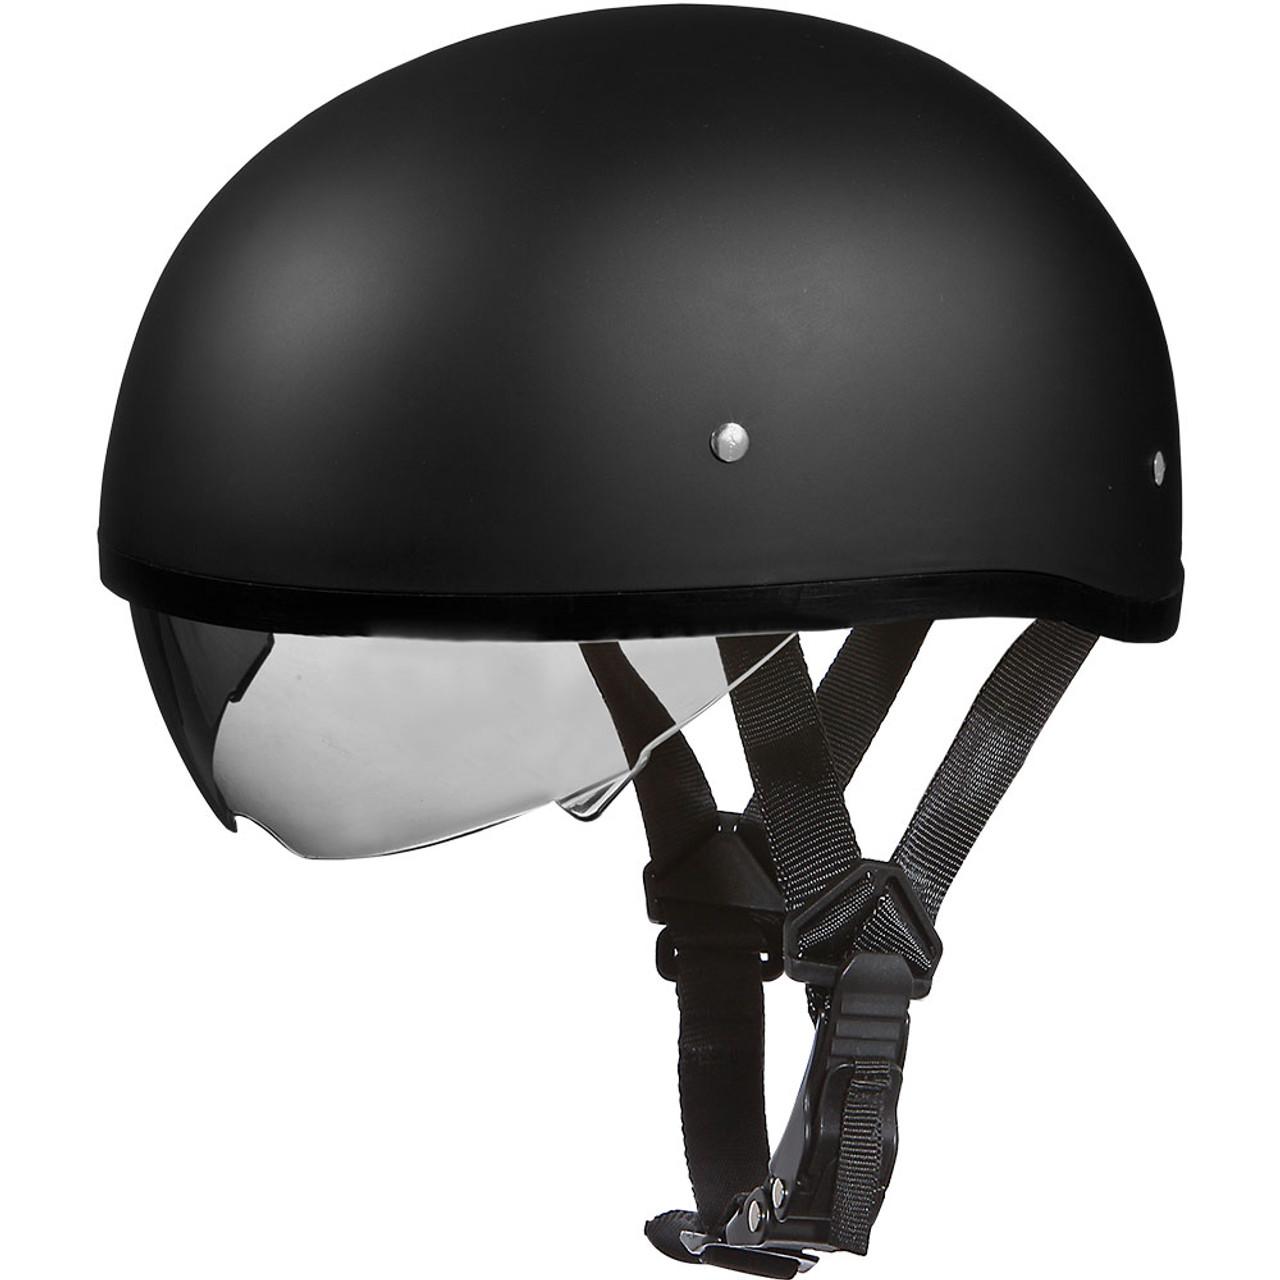 651dd833fef Daytona DOT Matte Black Skull Helmet w  Inner Shield - Get Lowered Cycles